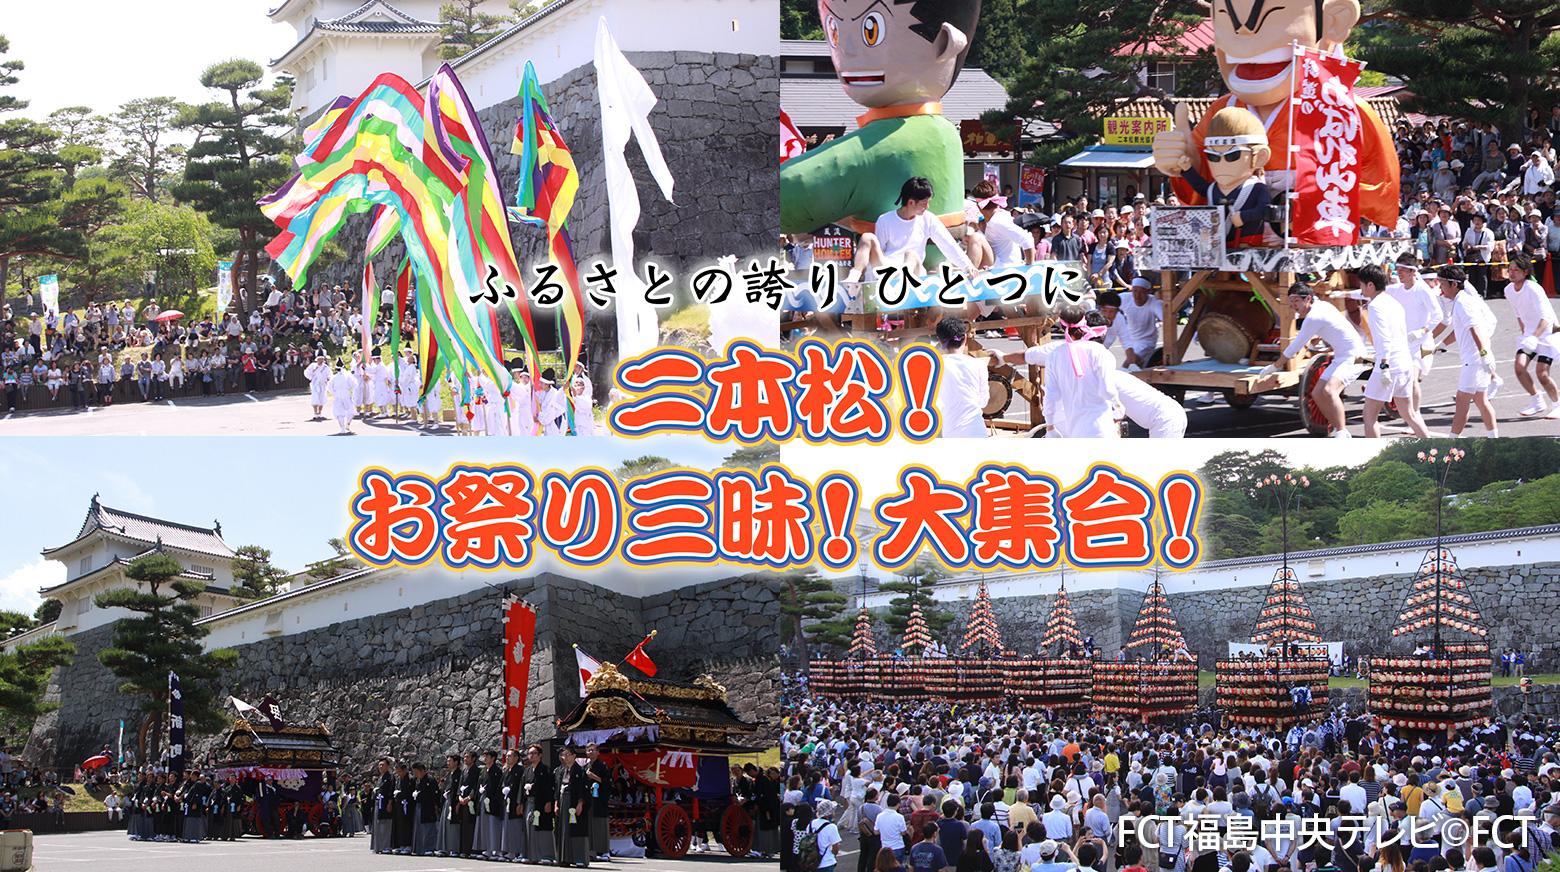 Festival: Pride for Hometown